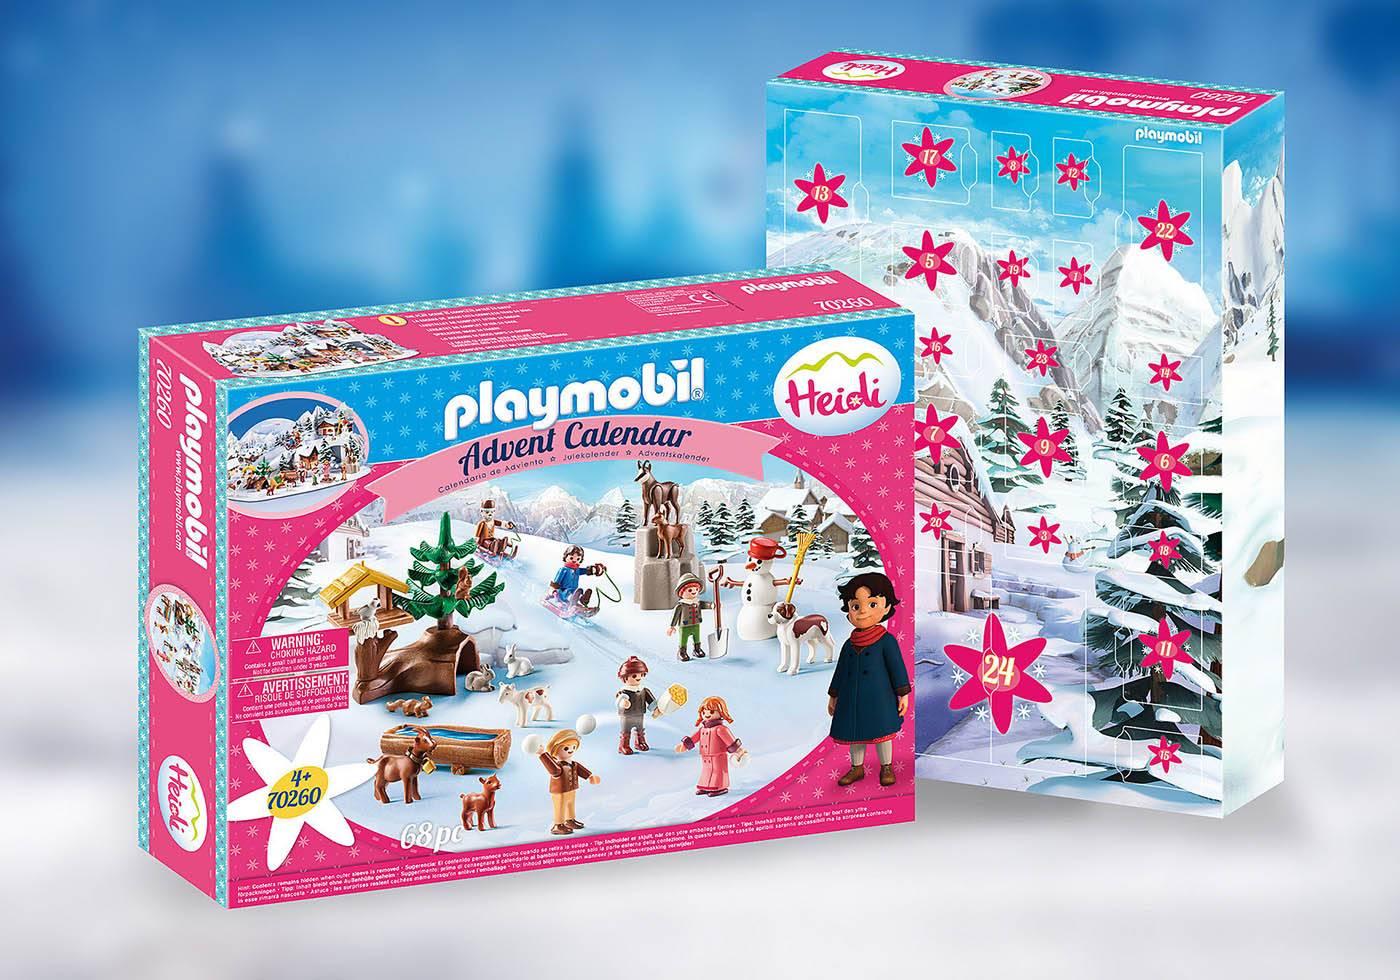 Playmobil Zimowy świat Heidi kalendarz adwentowy 70260